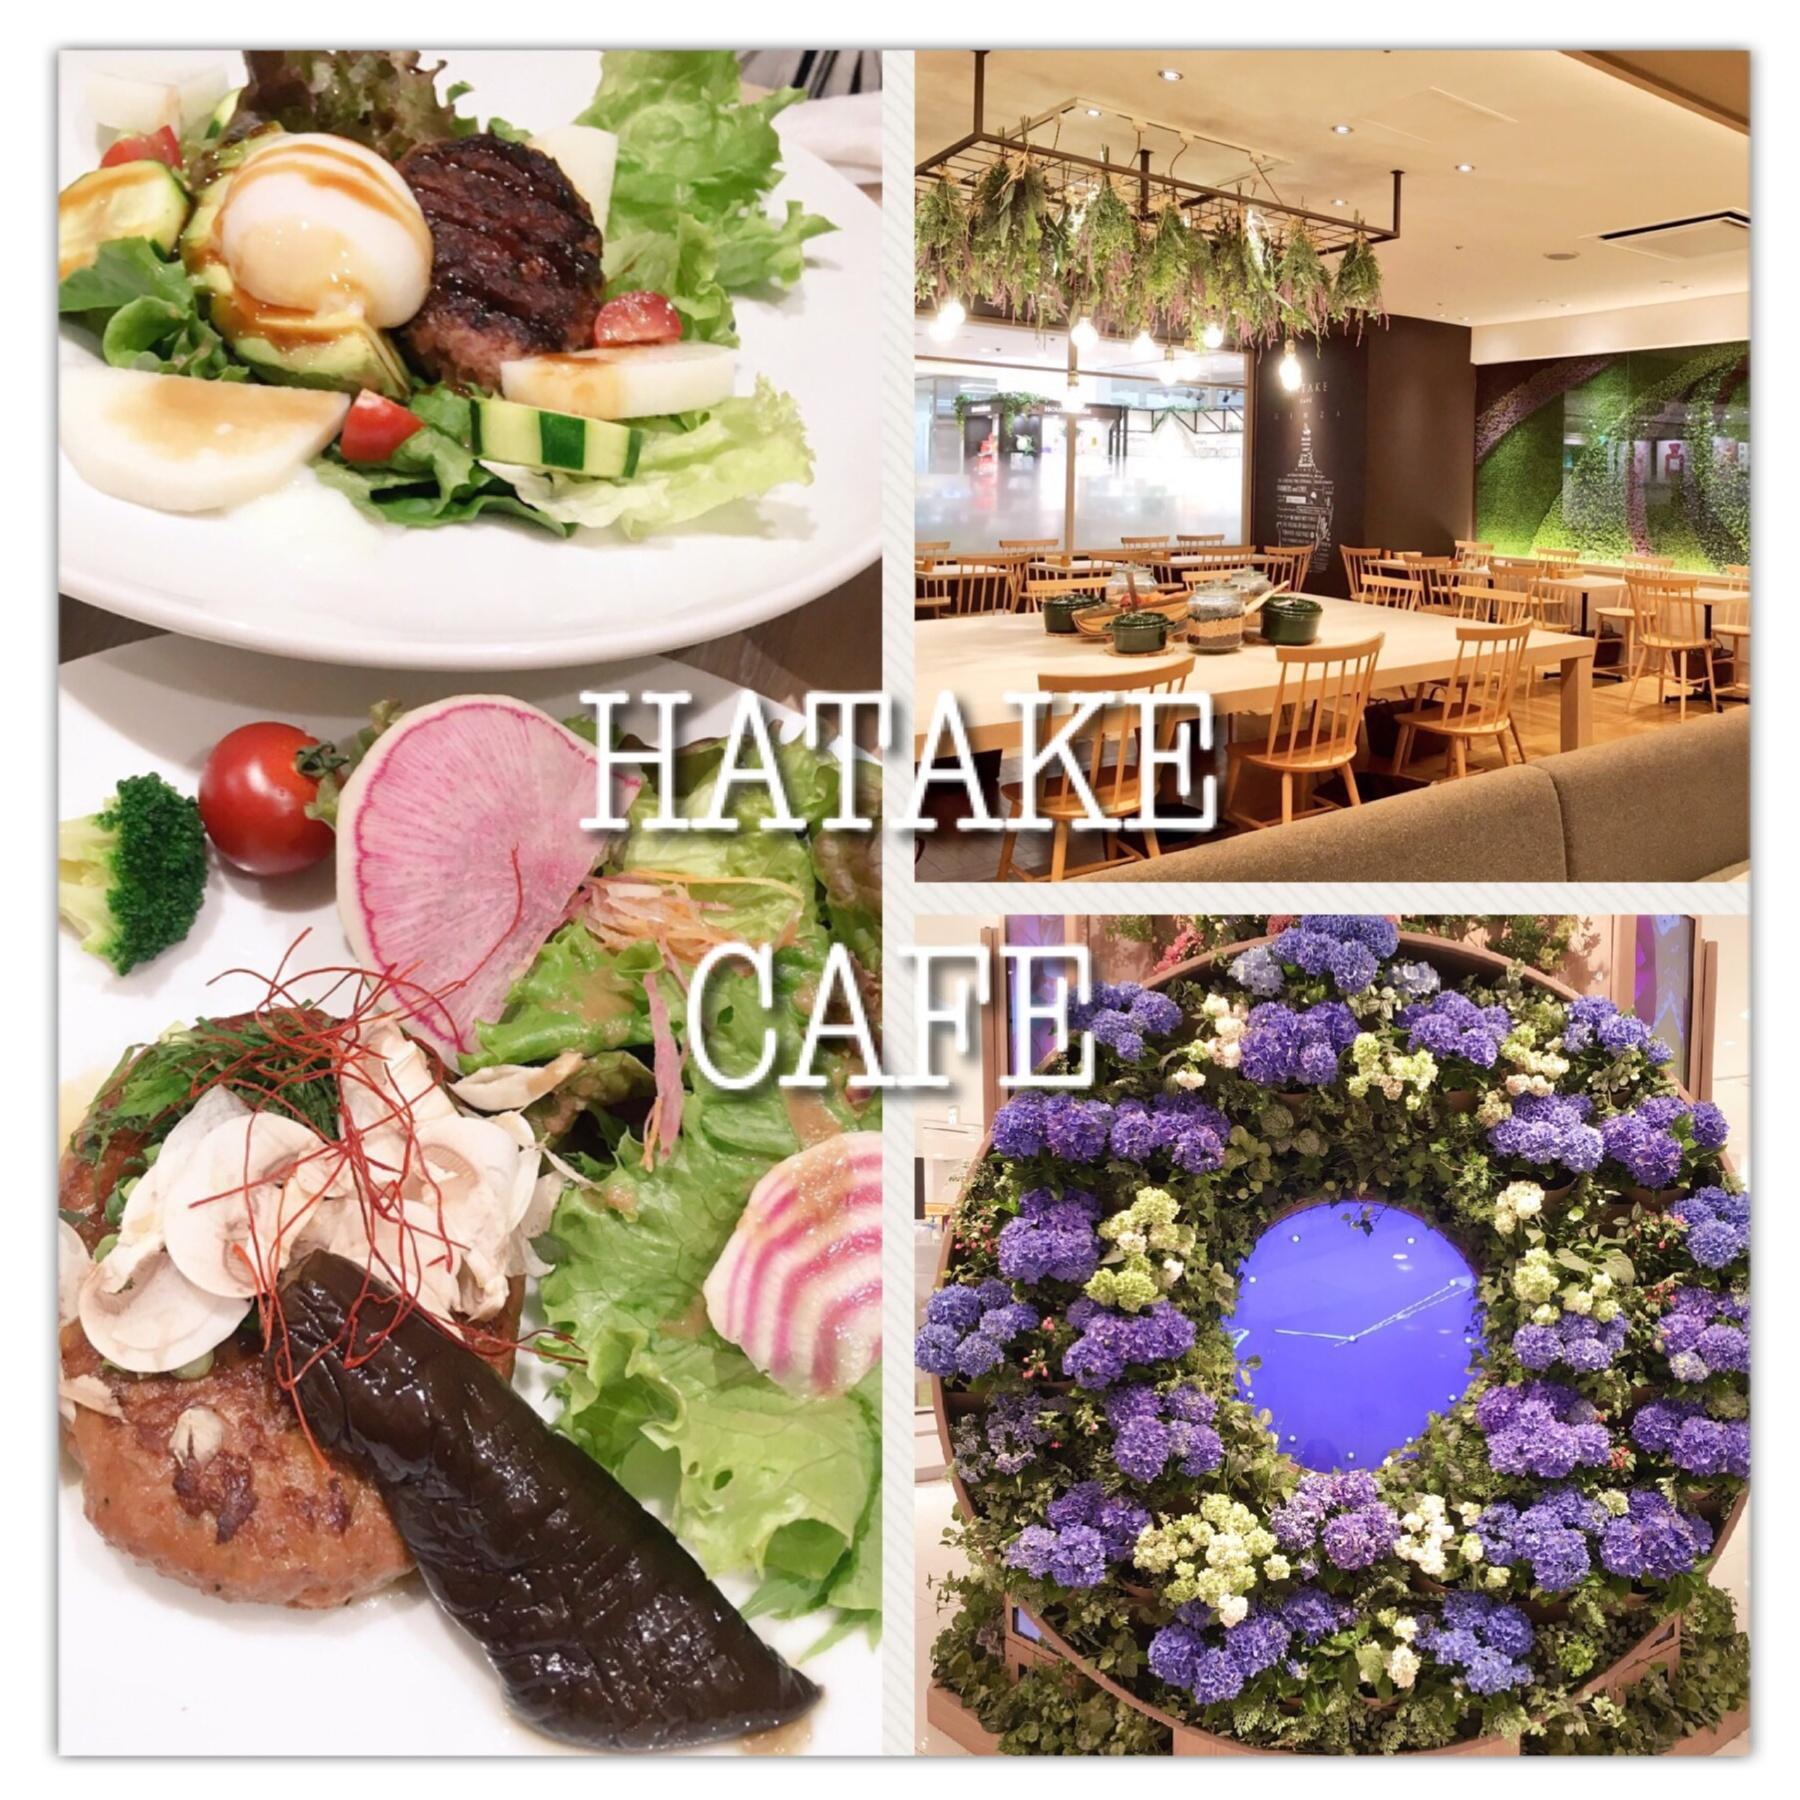 銀座マロニエゲート『HATAKE CAFE』のメニューが体に優しい&おいしすぎる〜(﹡´◡`﹡ )♡_1